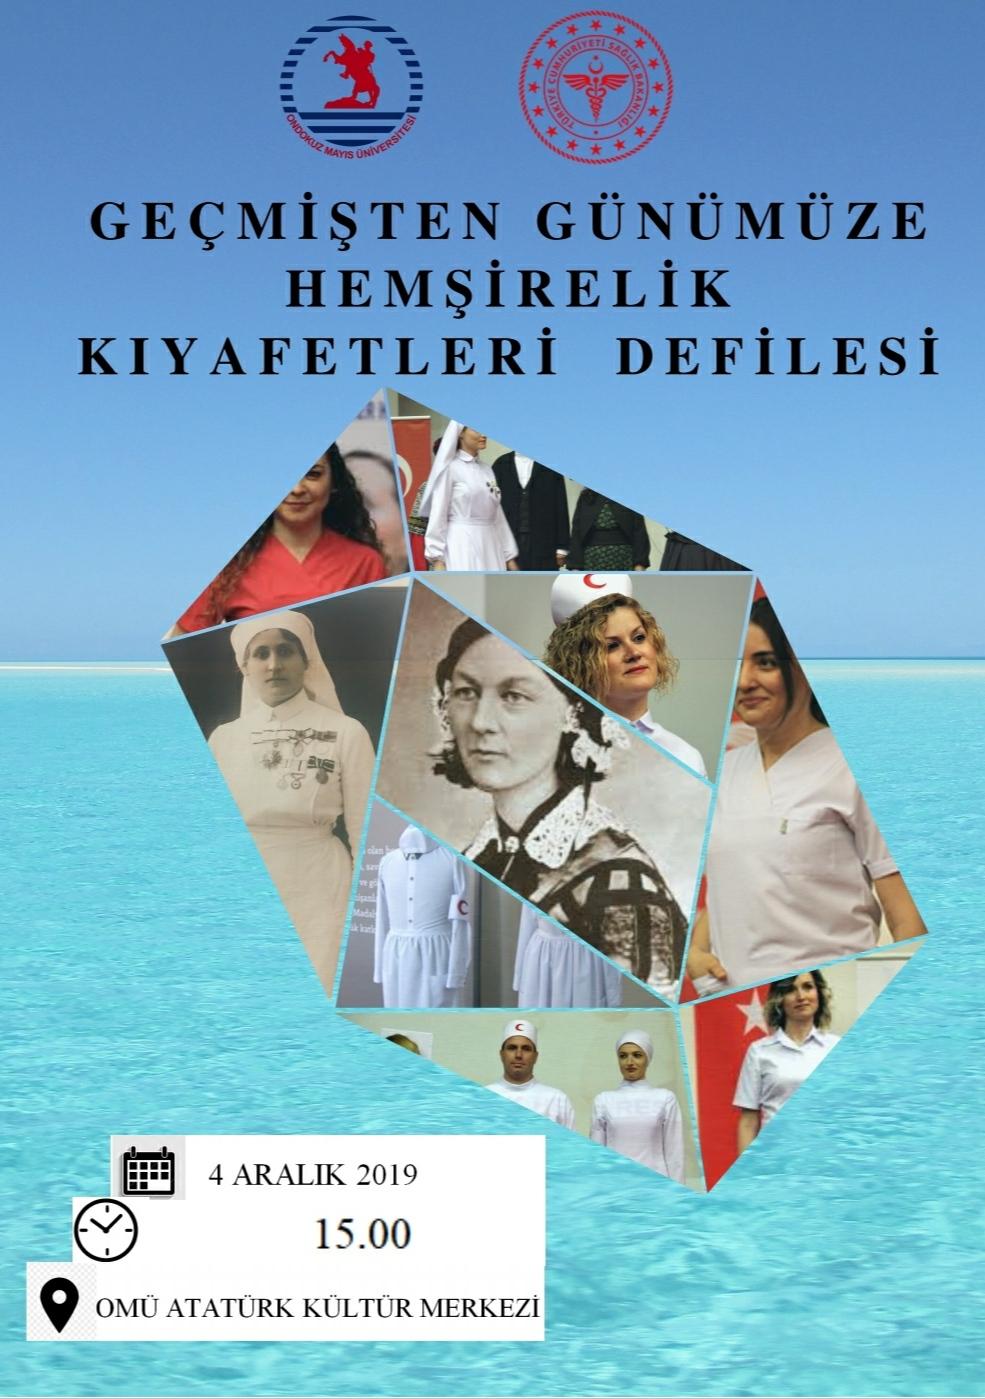 https://www.omu.edu.tr/sites/default/files/gecmisten_gunumuze_hemsirelik_kiyafetleri.jpeg